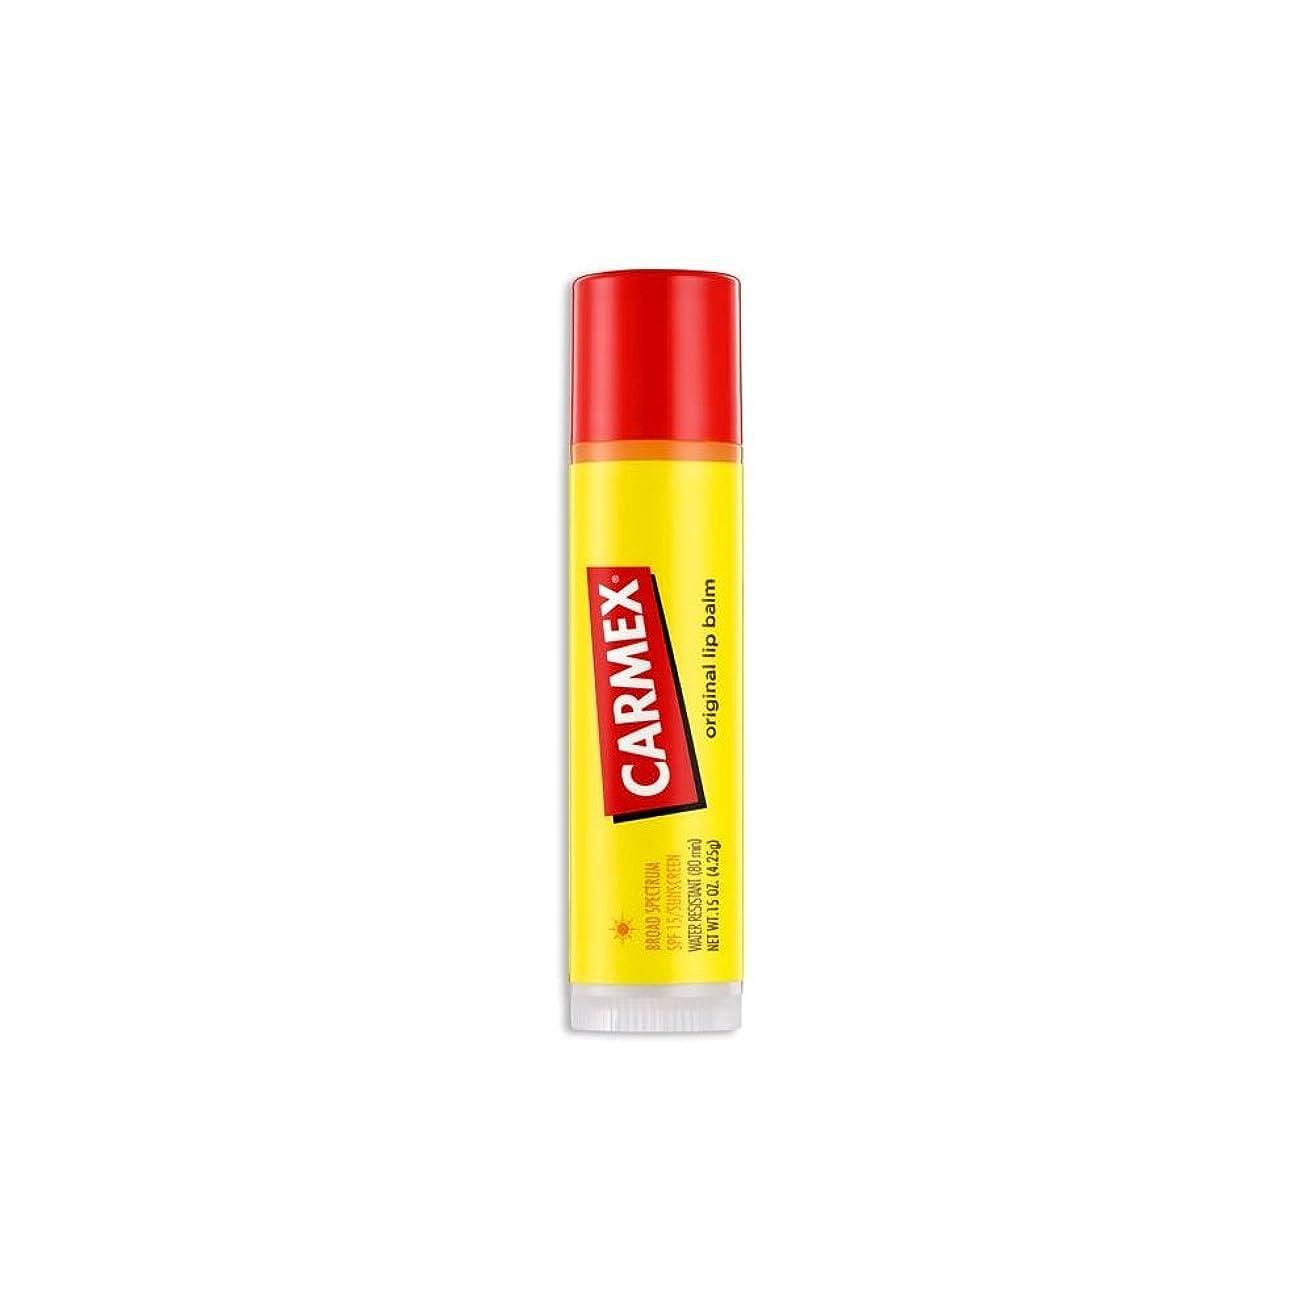 受け取る歌手(3 Pack) CARMEX Original Flavor Sticks Original (並行輸入品)